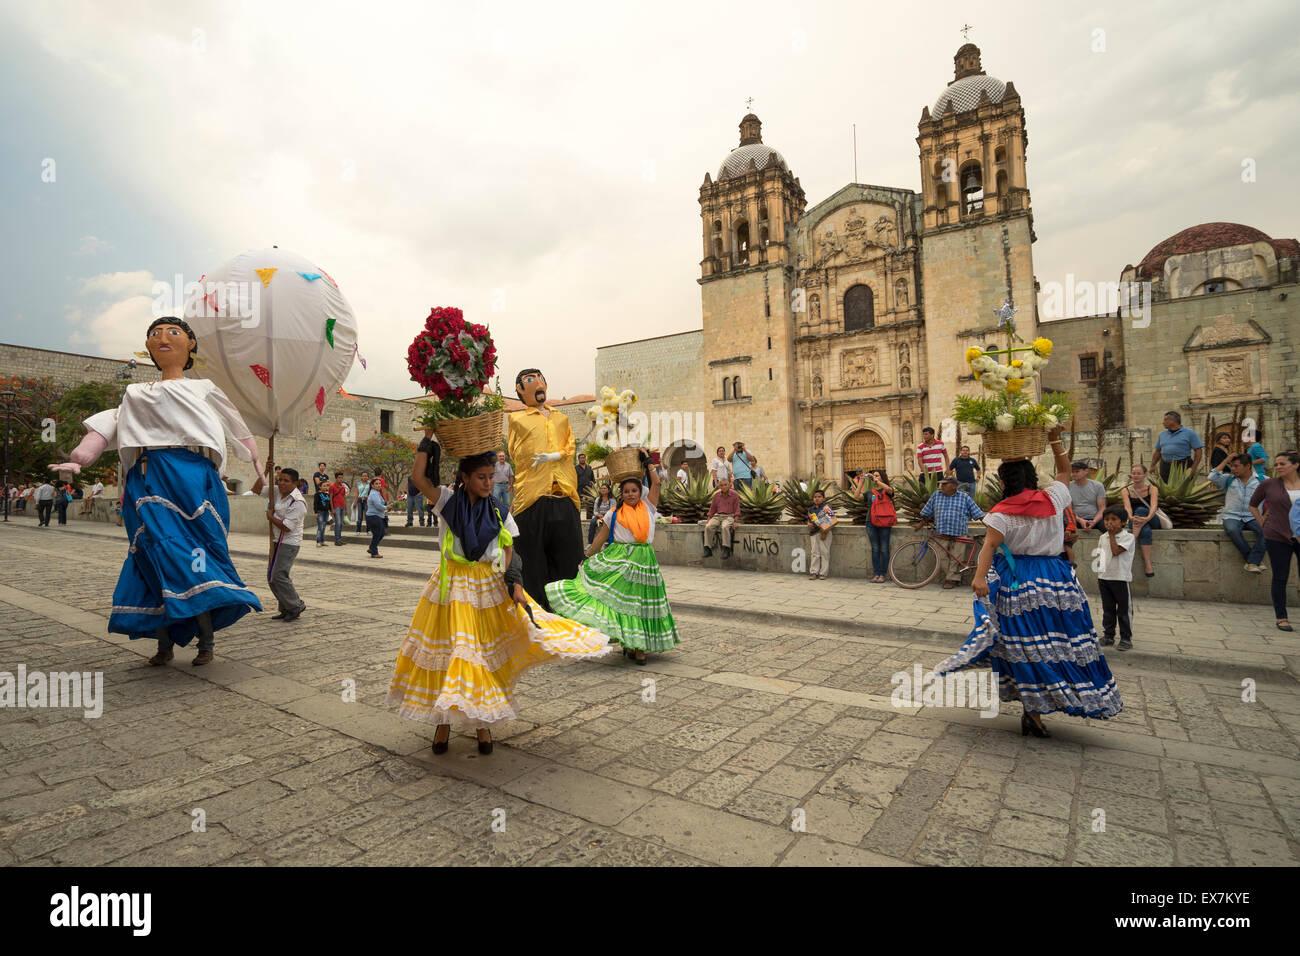 Las mujeres en traje y grandes figuras bailando en frente de la Iglesia de Santo Domingo en una fiesta tradicional Imagen De Stock